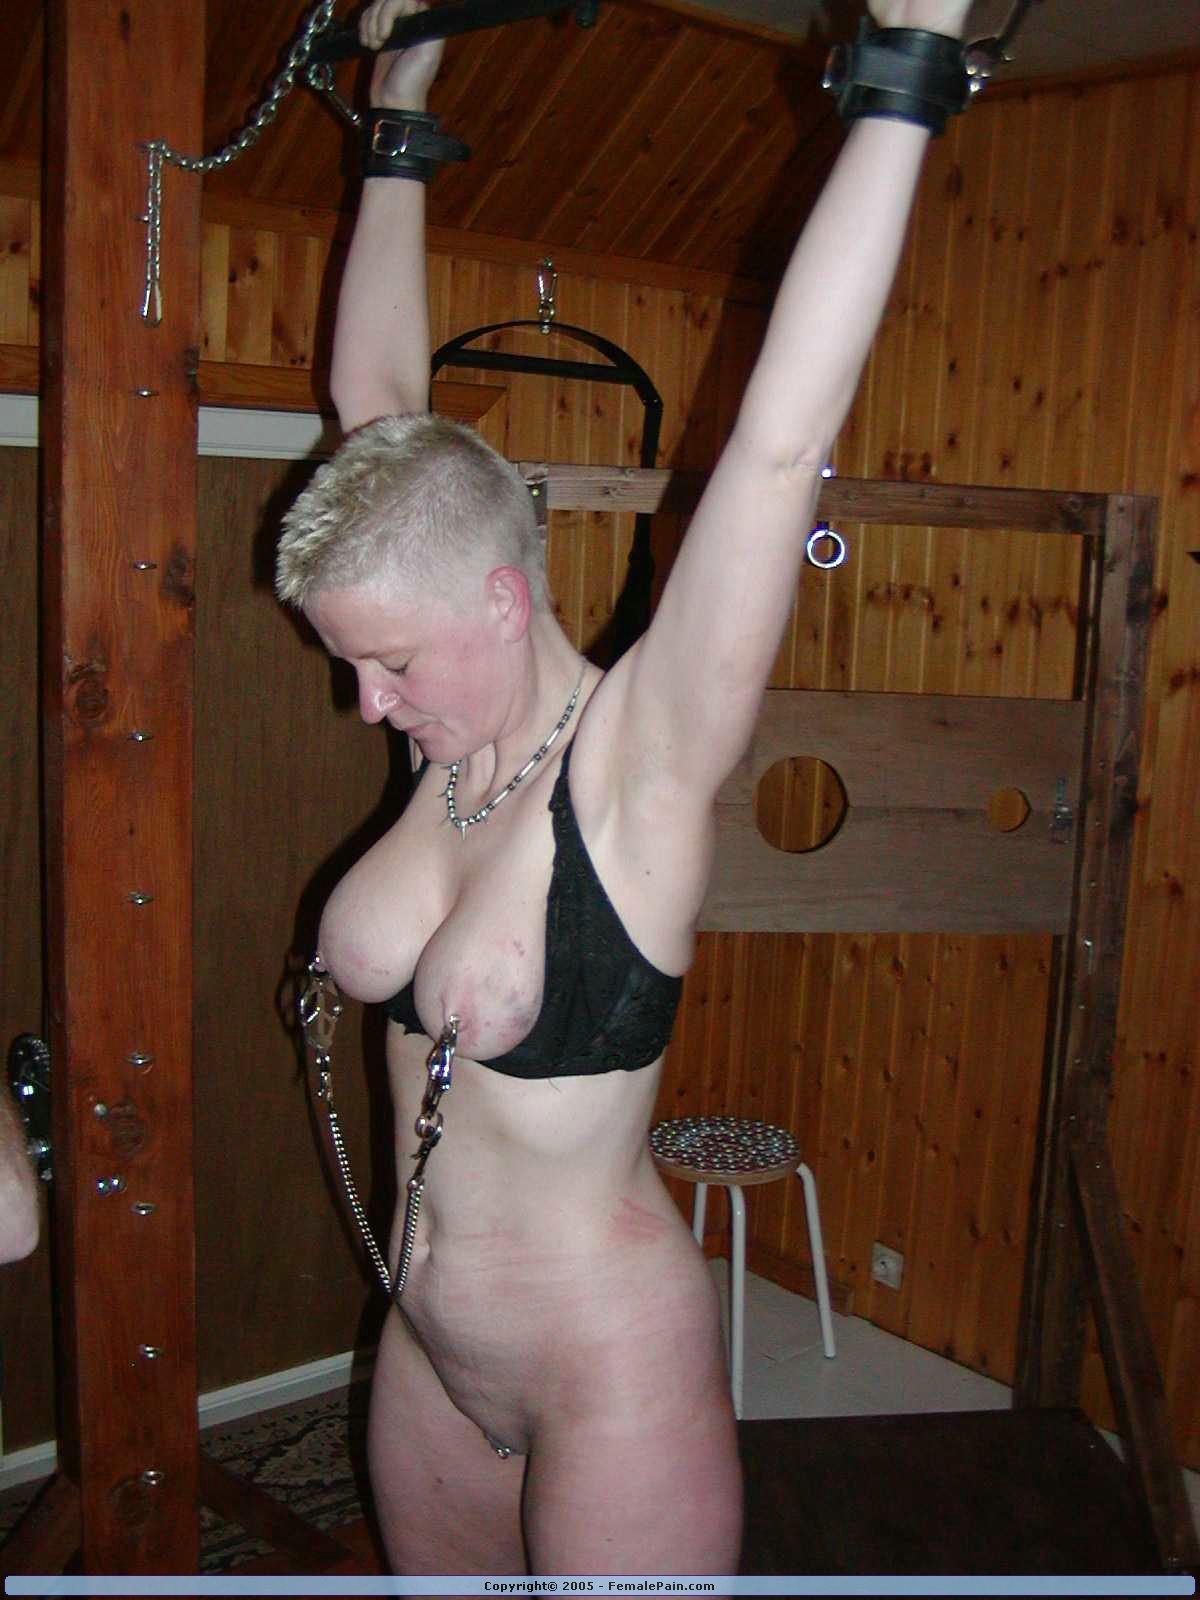 Porn galleries Fucking machine orgasms